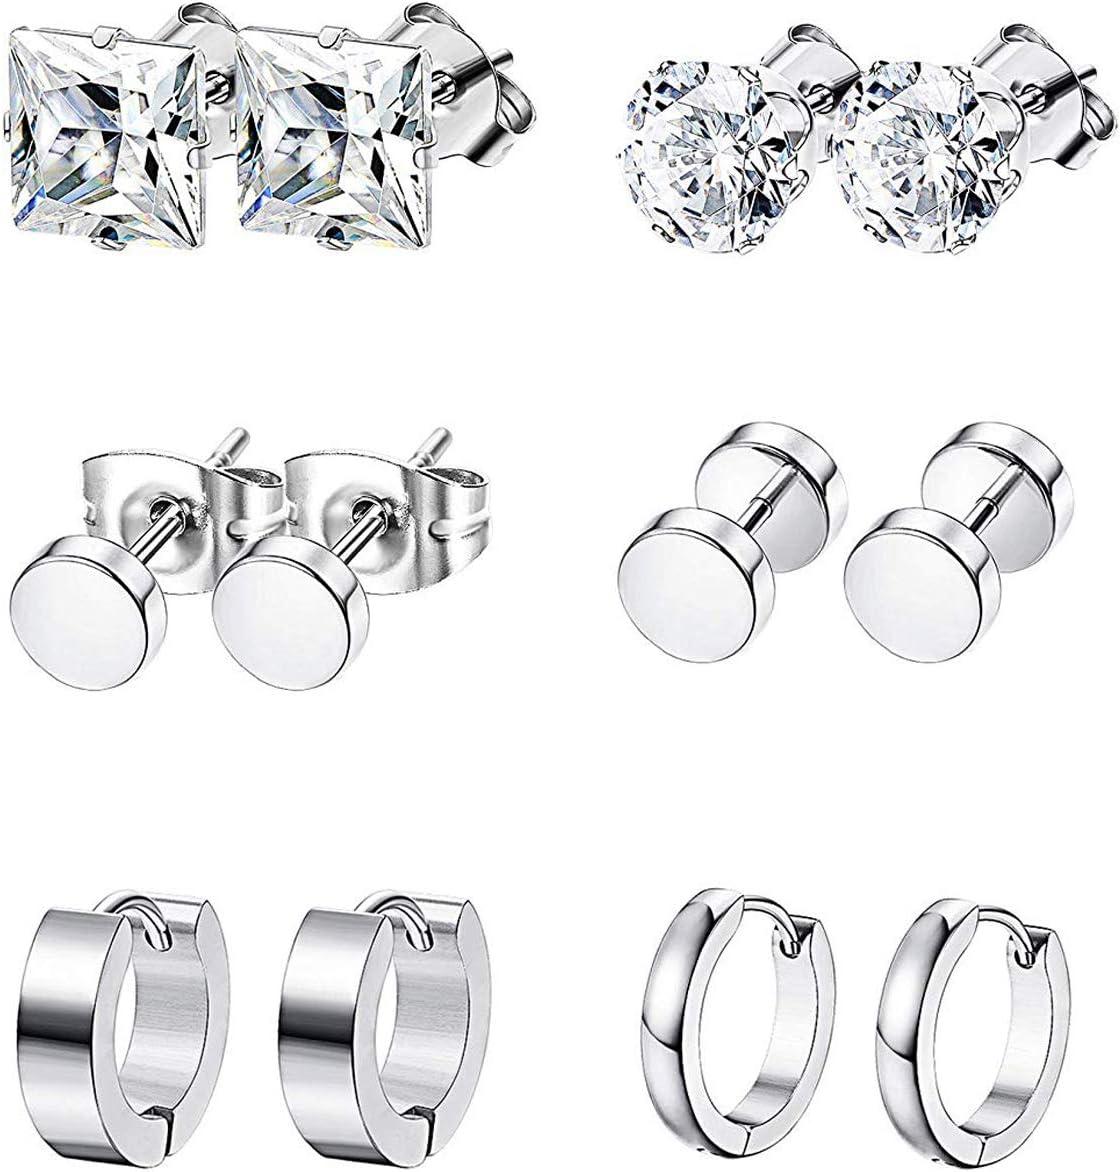 K&Q 6 Pairs Stainless Steel CZ Stud Earrings Hoop Earrings Set Huggie Hoop Ear Piercing for Woman/Men/Teen Girls and Boys Gift